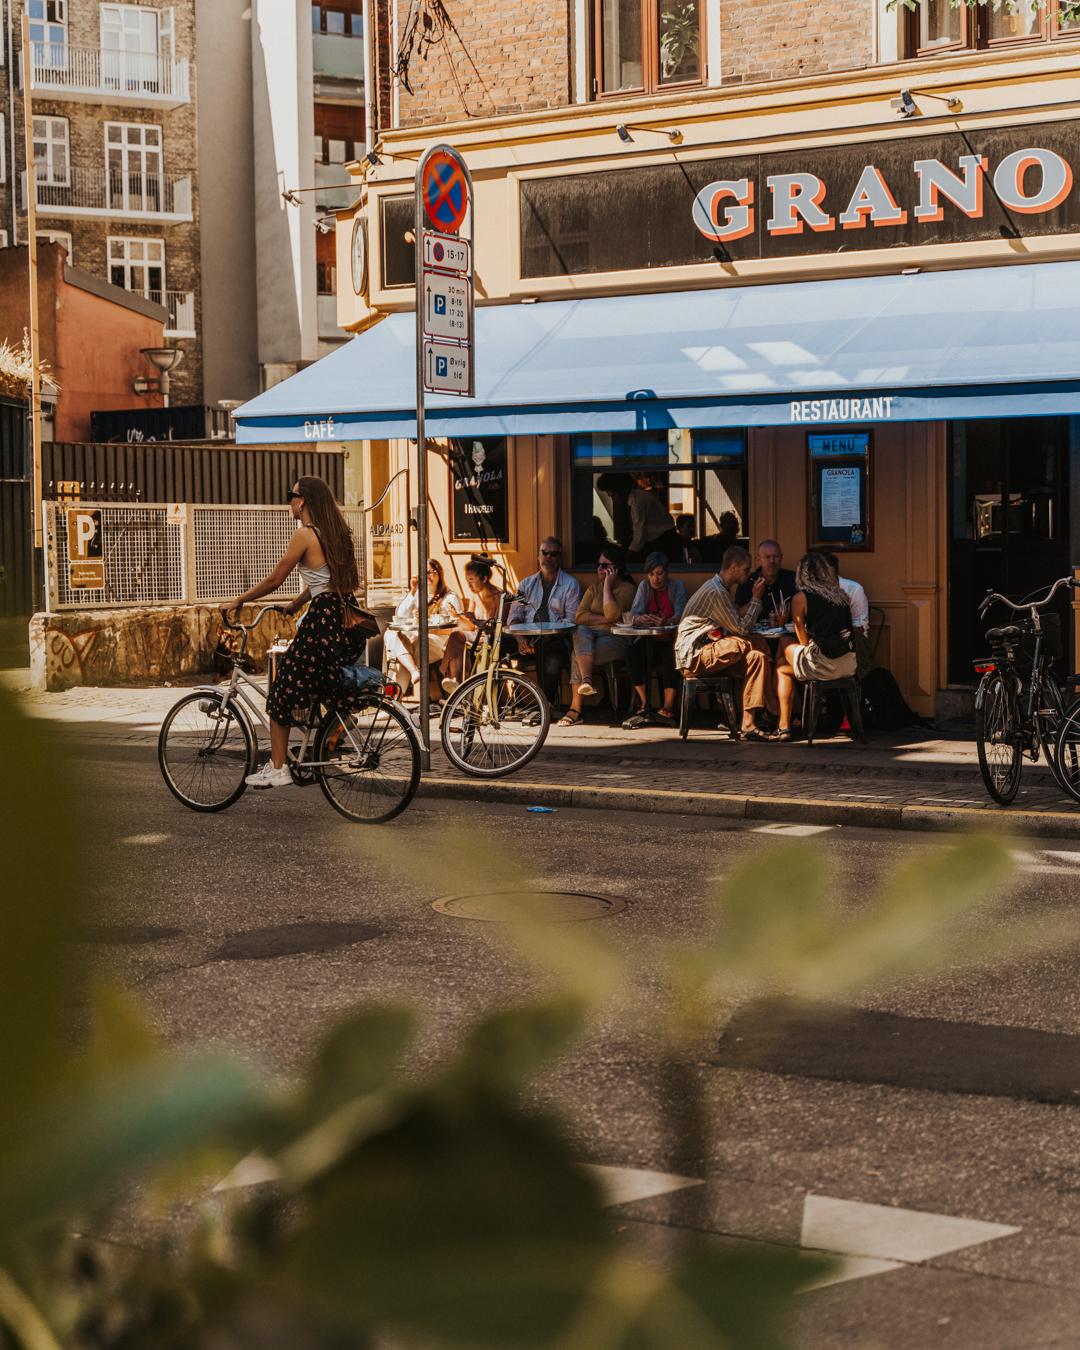 Granola köpenhamn